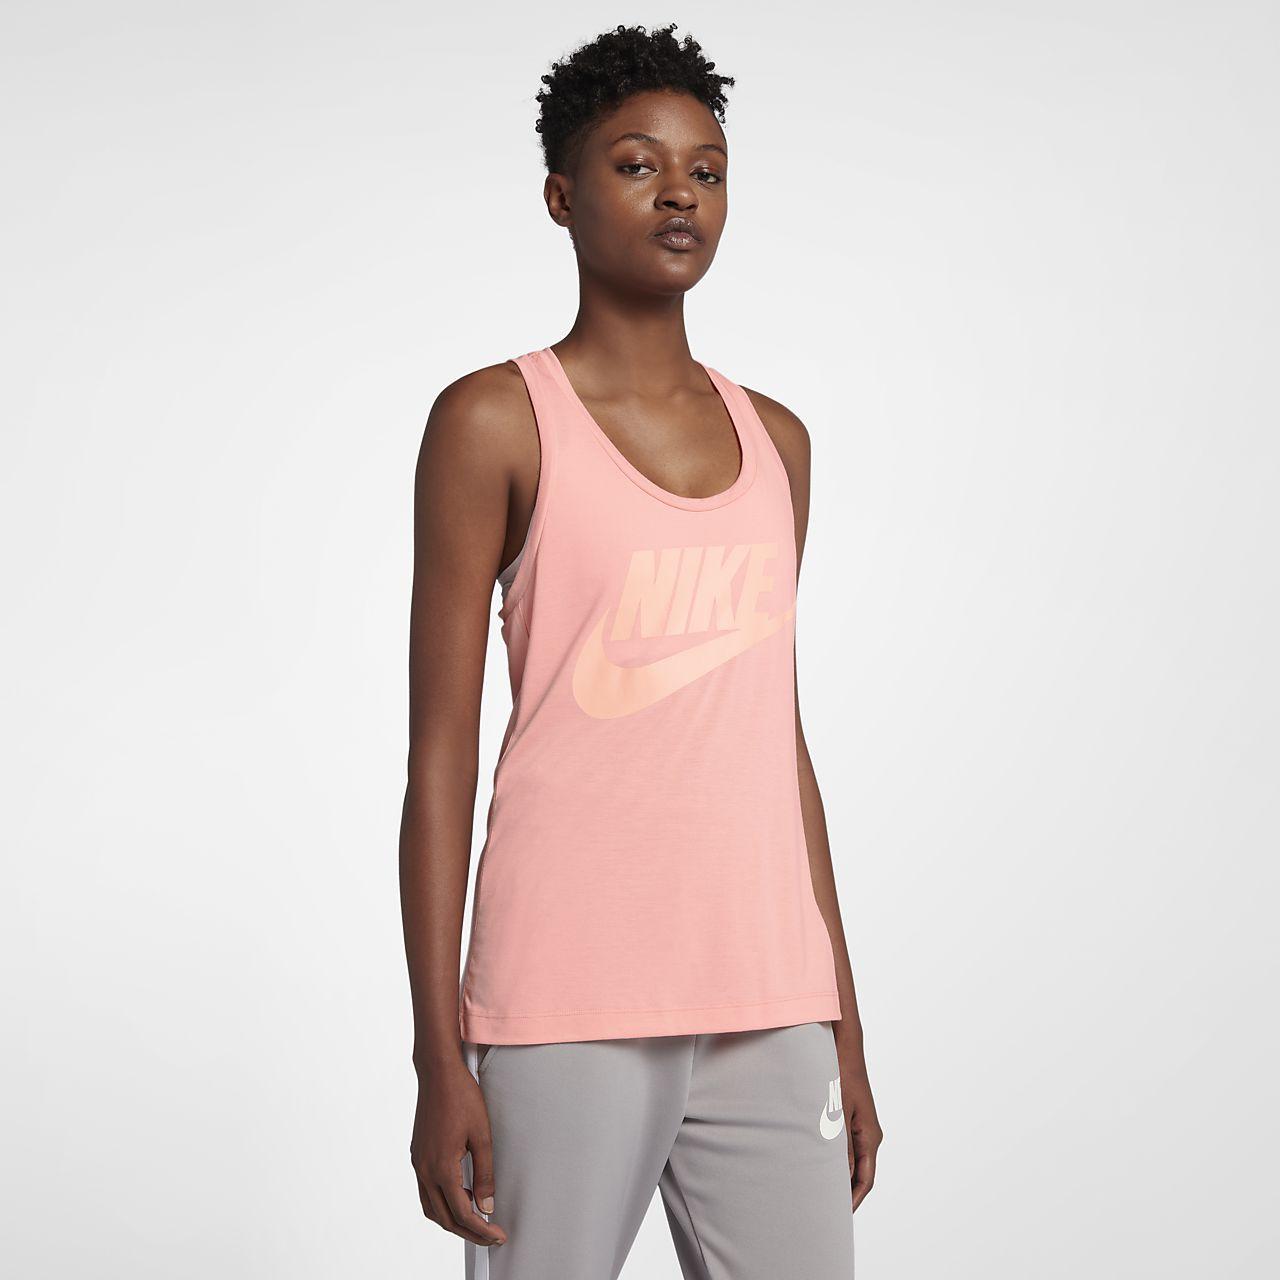 02258c5ec3 Nike Sportswear Essential Women's Logo Tank | Tops-Activewear ...